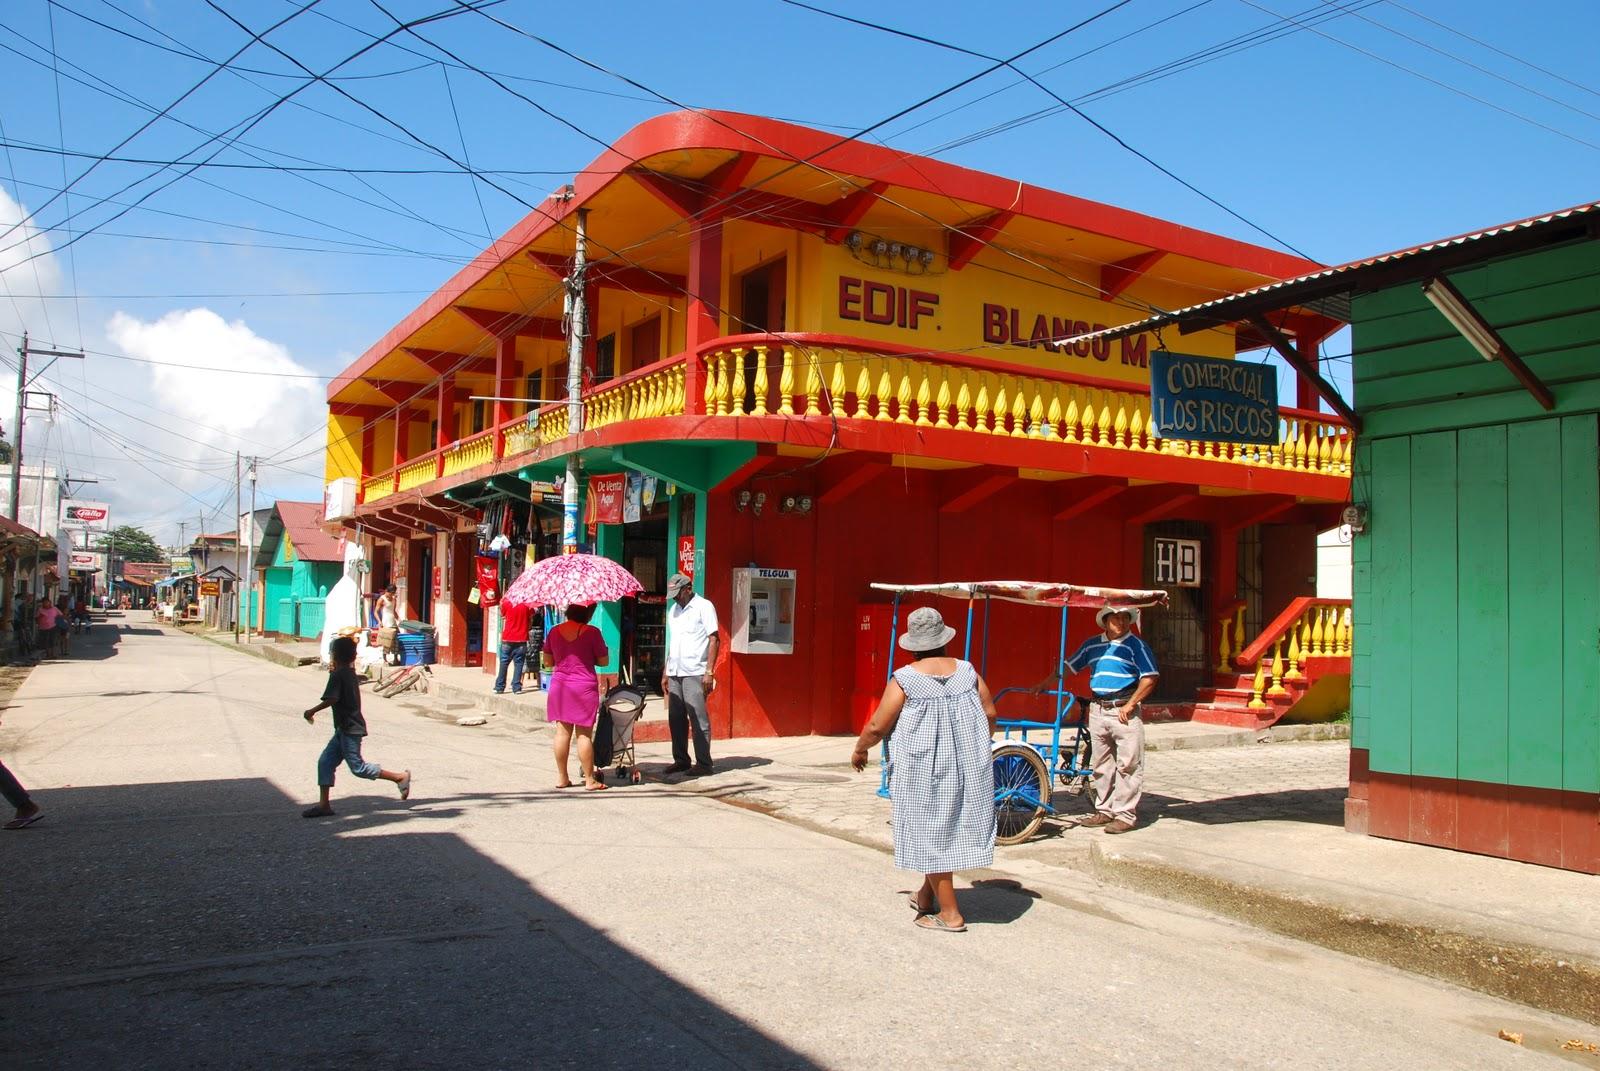 Fotos y videos de la ciudad de panama 8